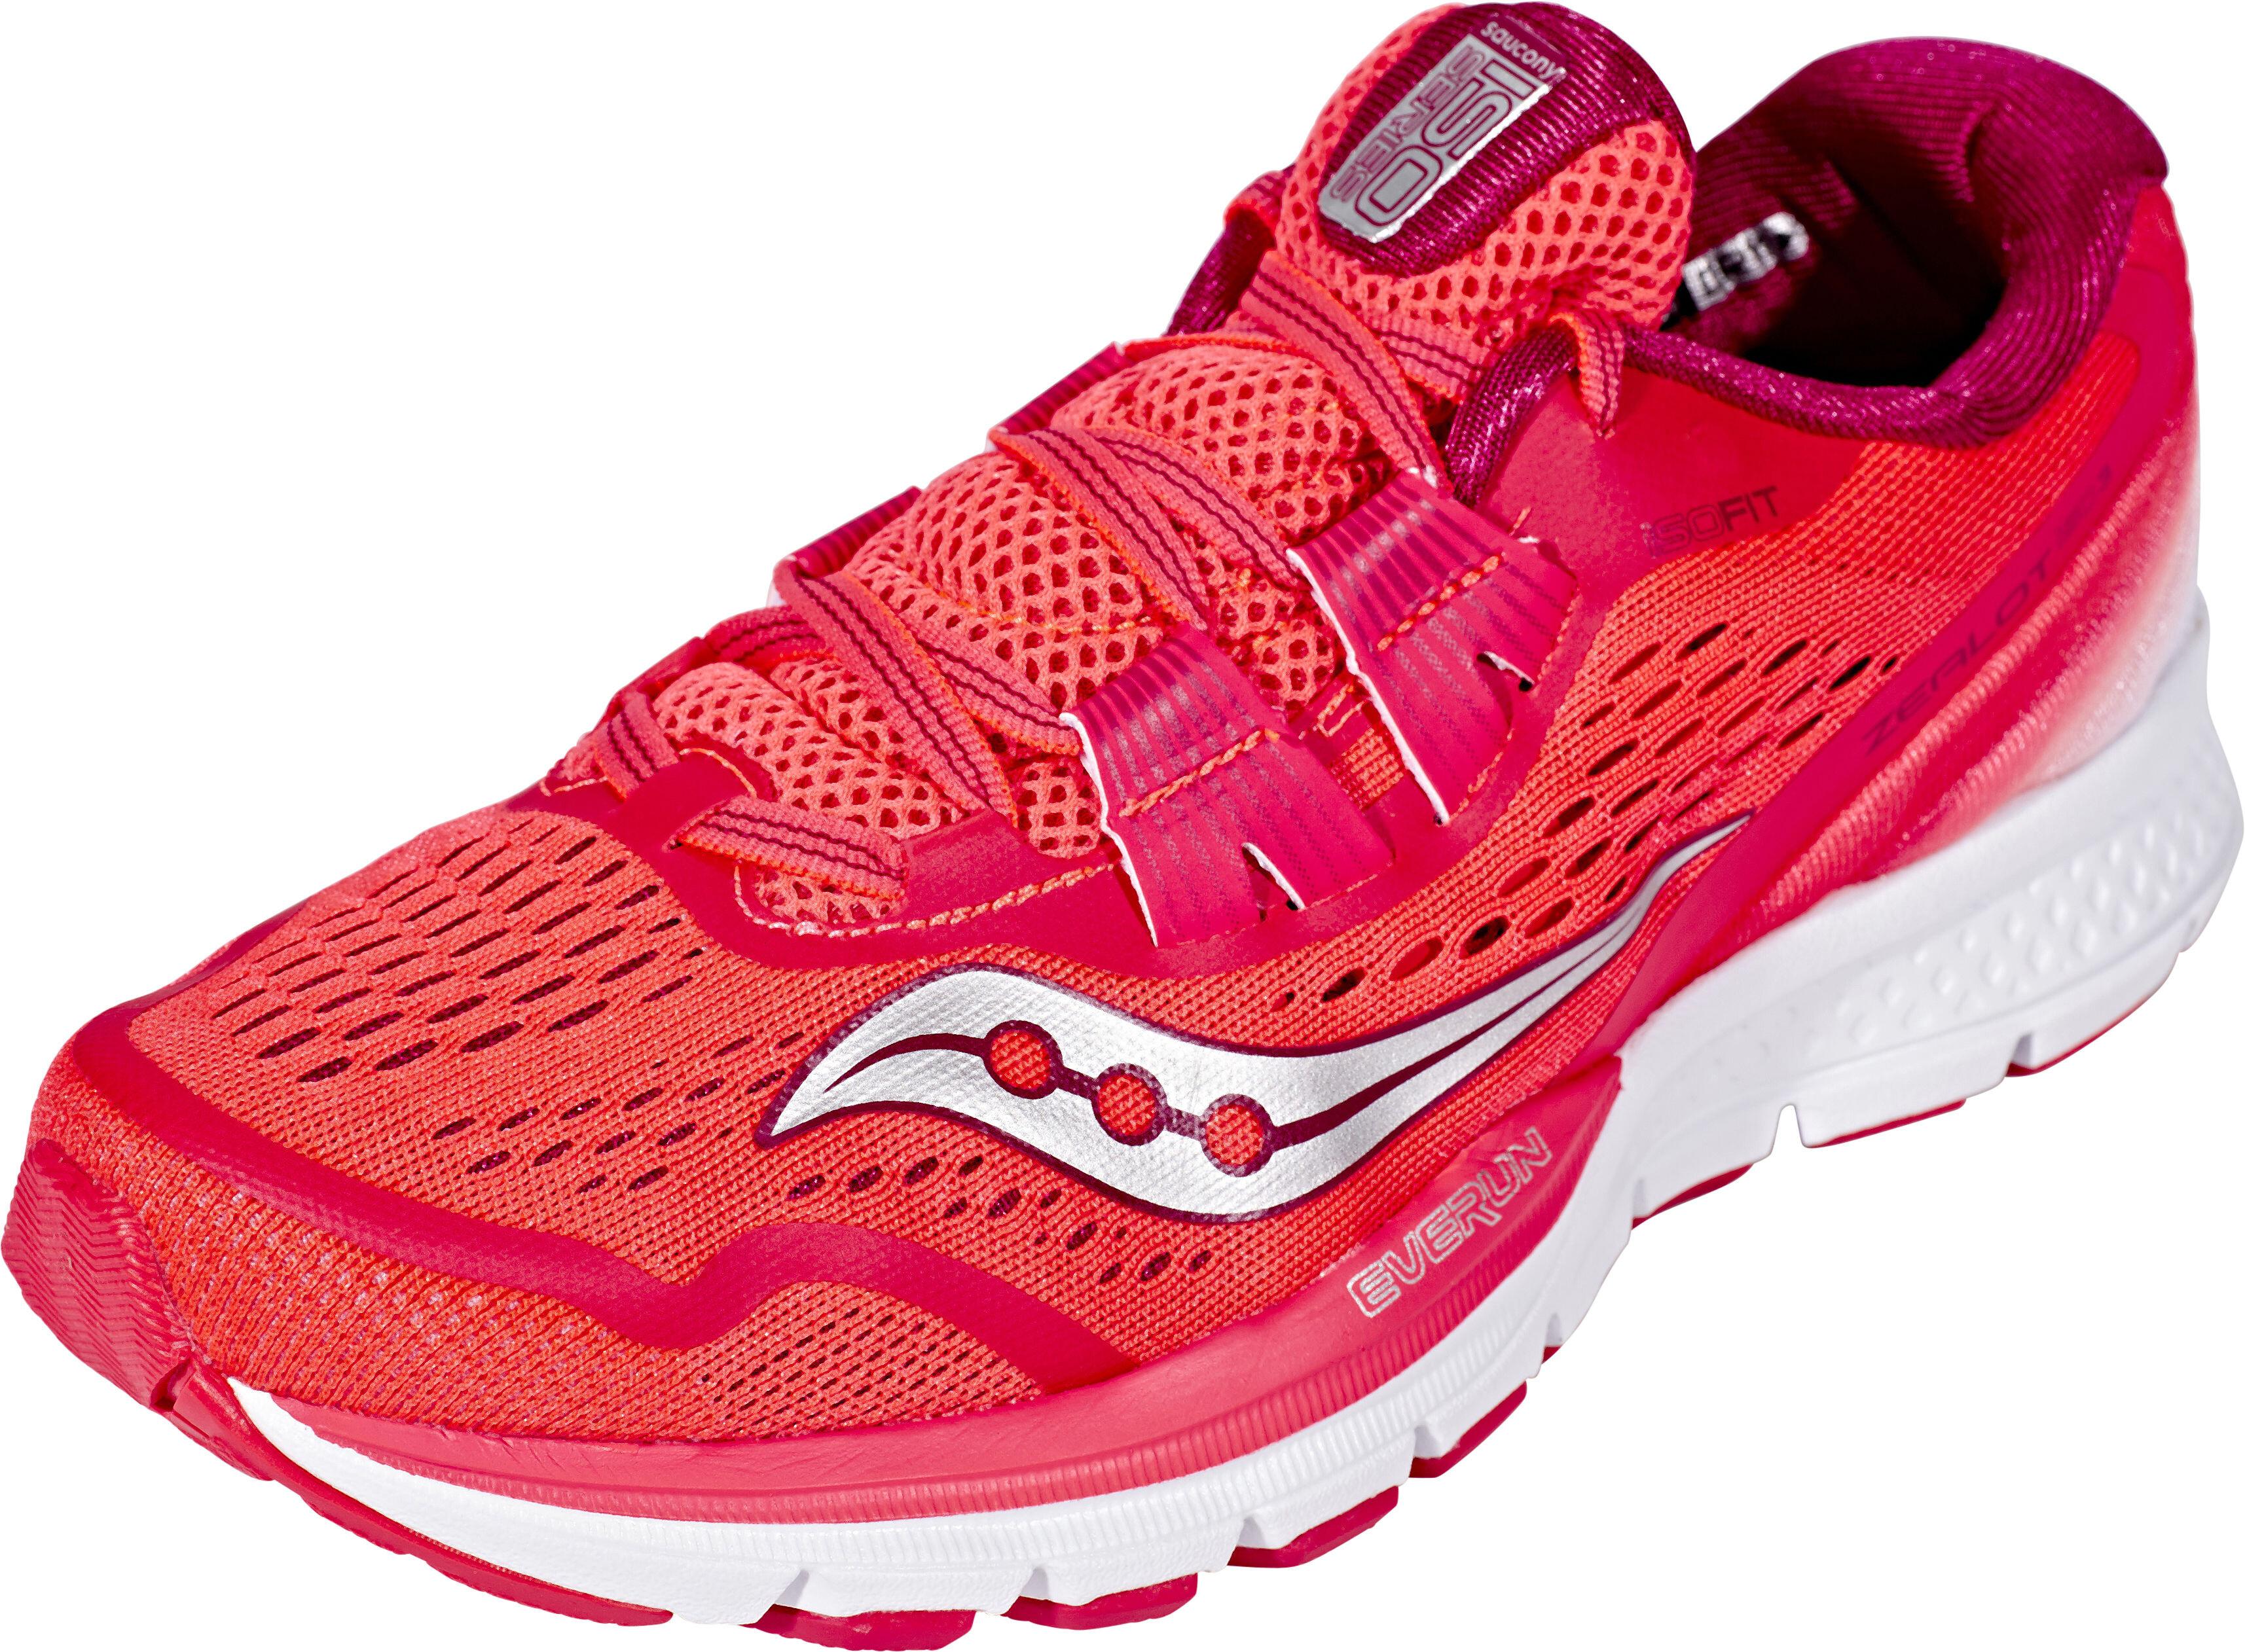 Saucony Zealot Iso Road Running Shoes